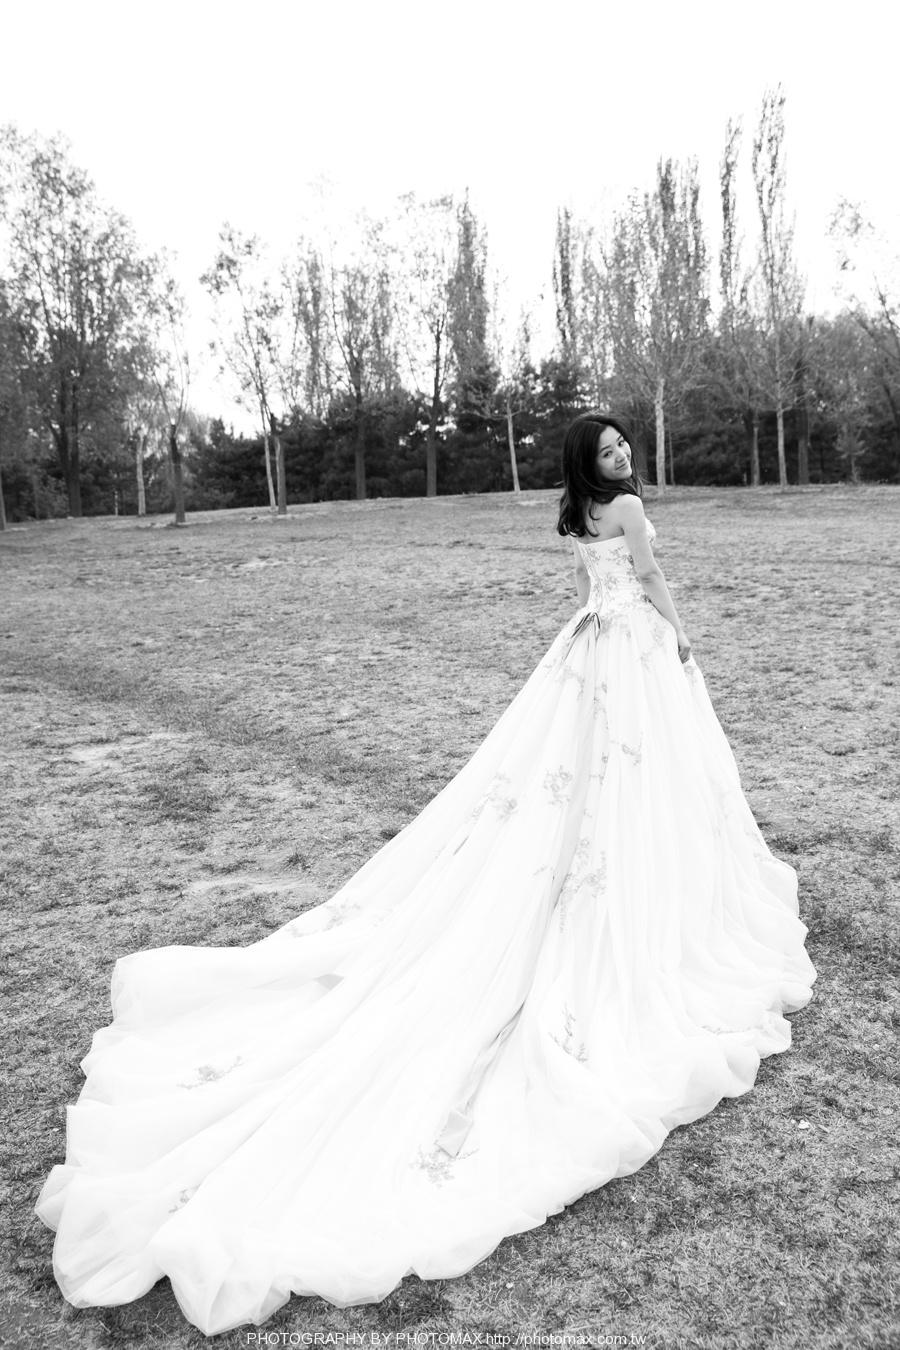 王嘉薇 PHOTMAX 老麦摄影 北京婚纱摄影 旅拍 (22)